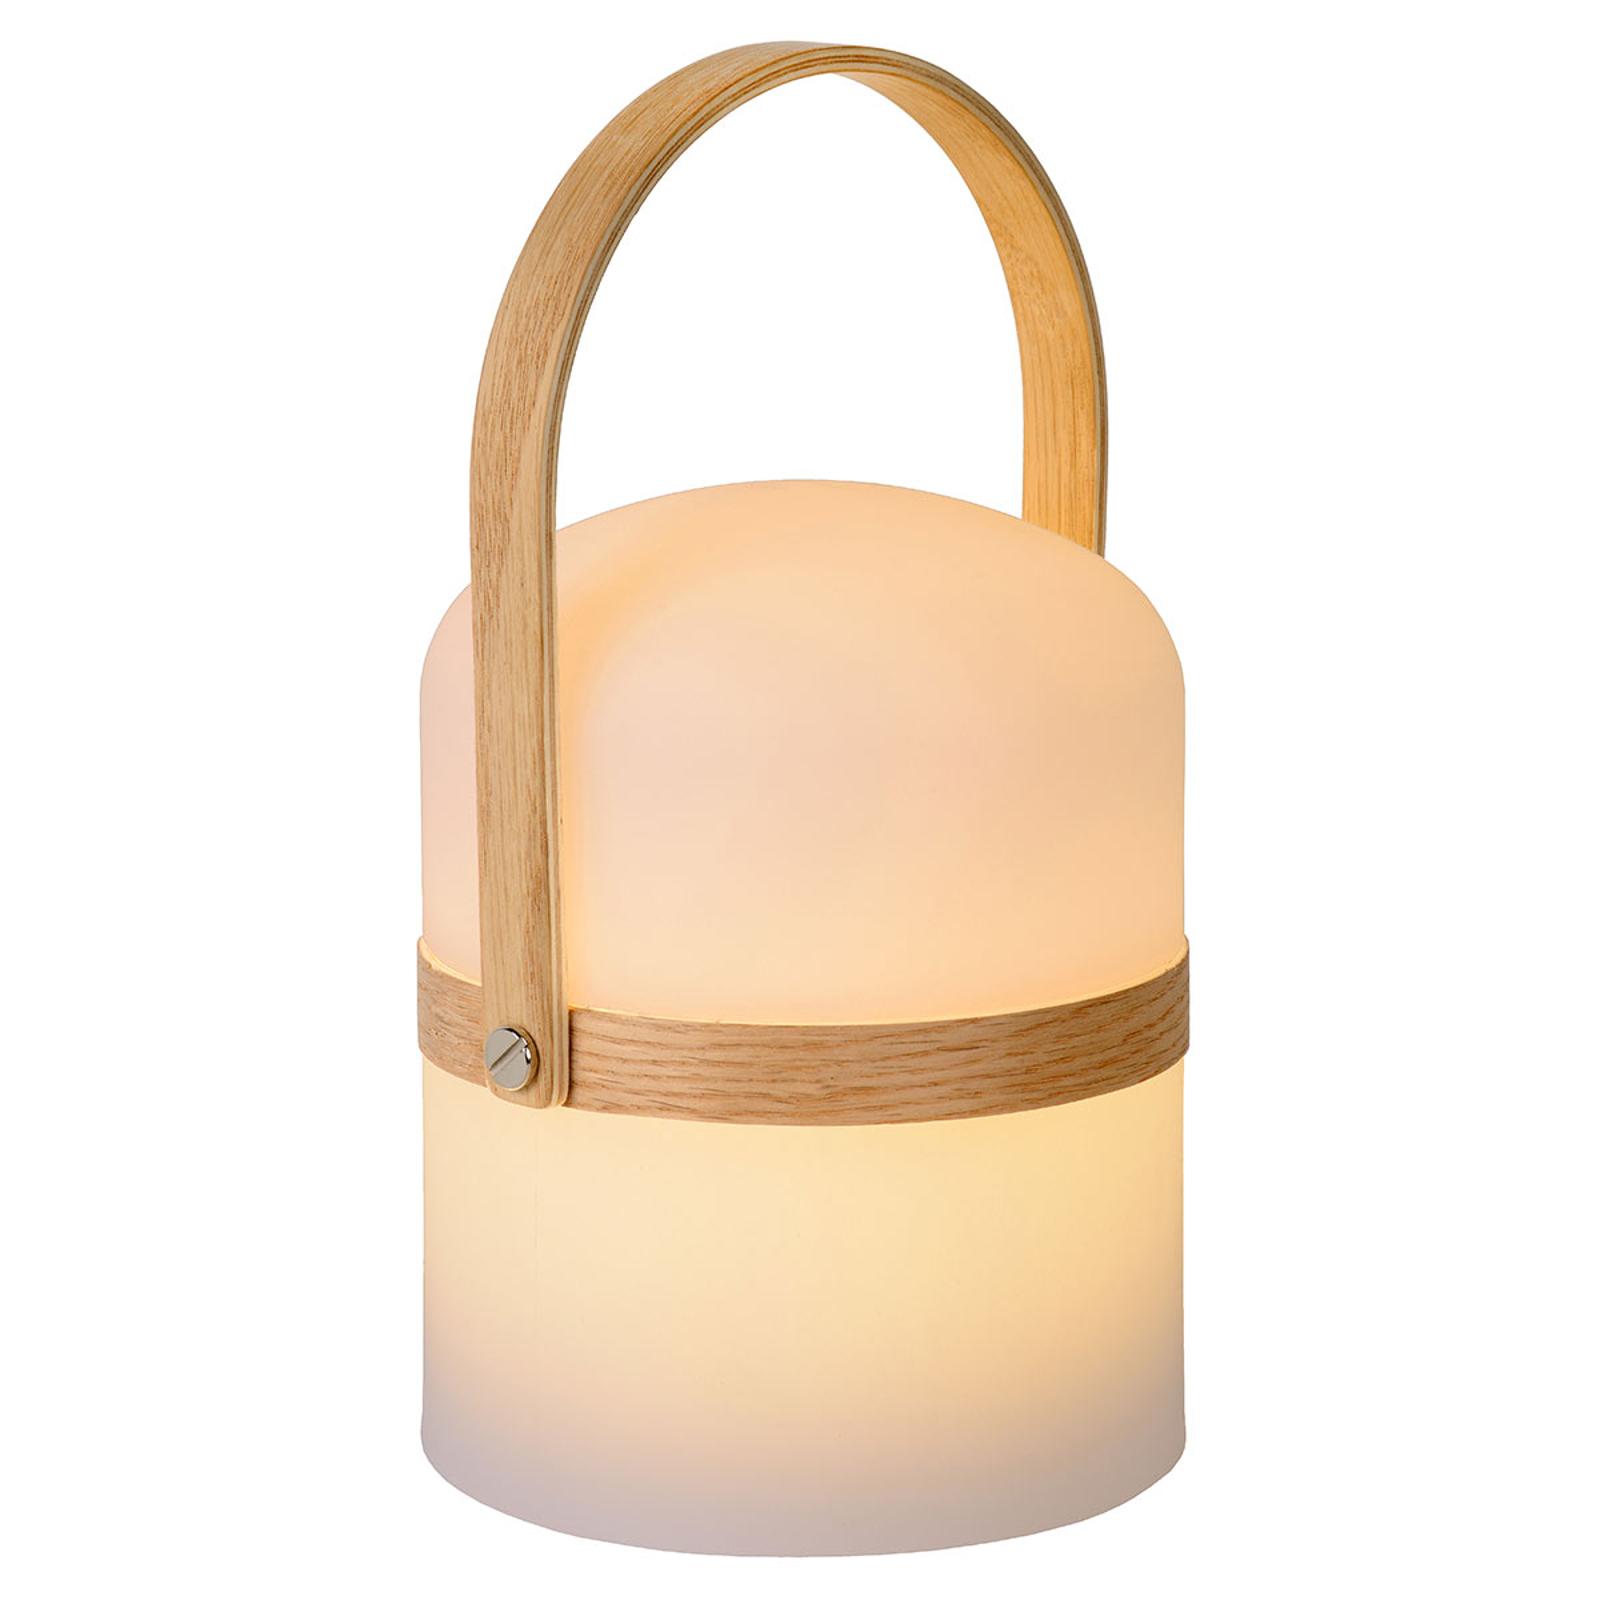 Bærebar LED-bordlampe Joe til inden- og udendørs